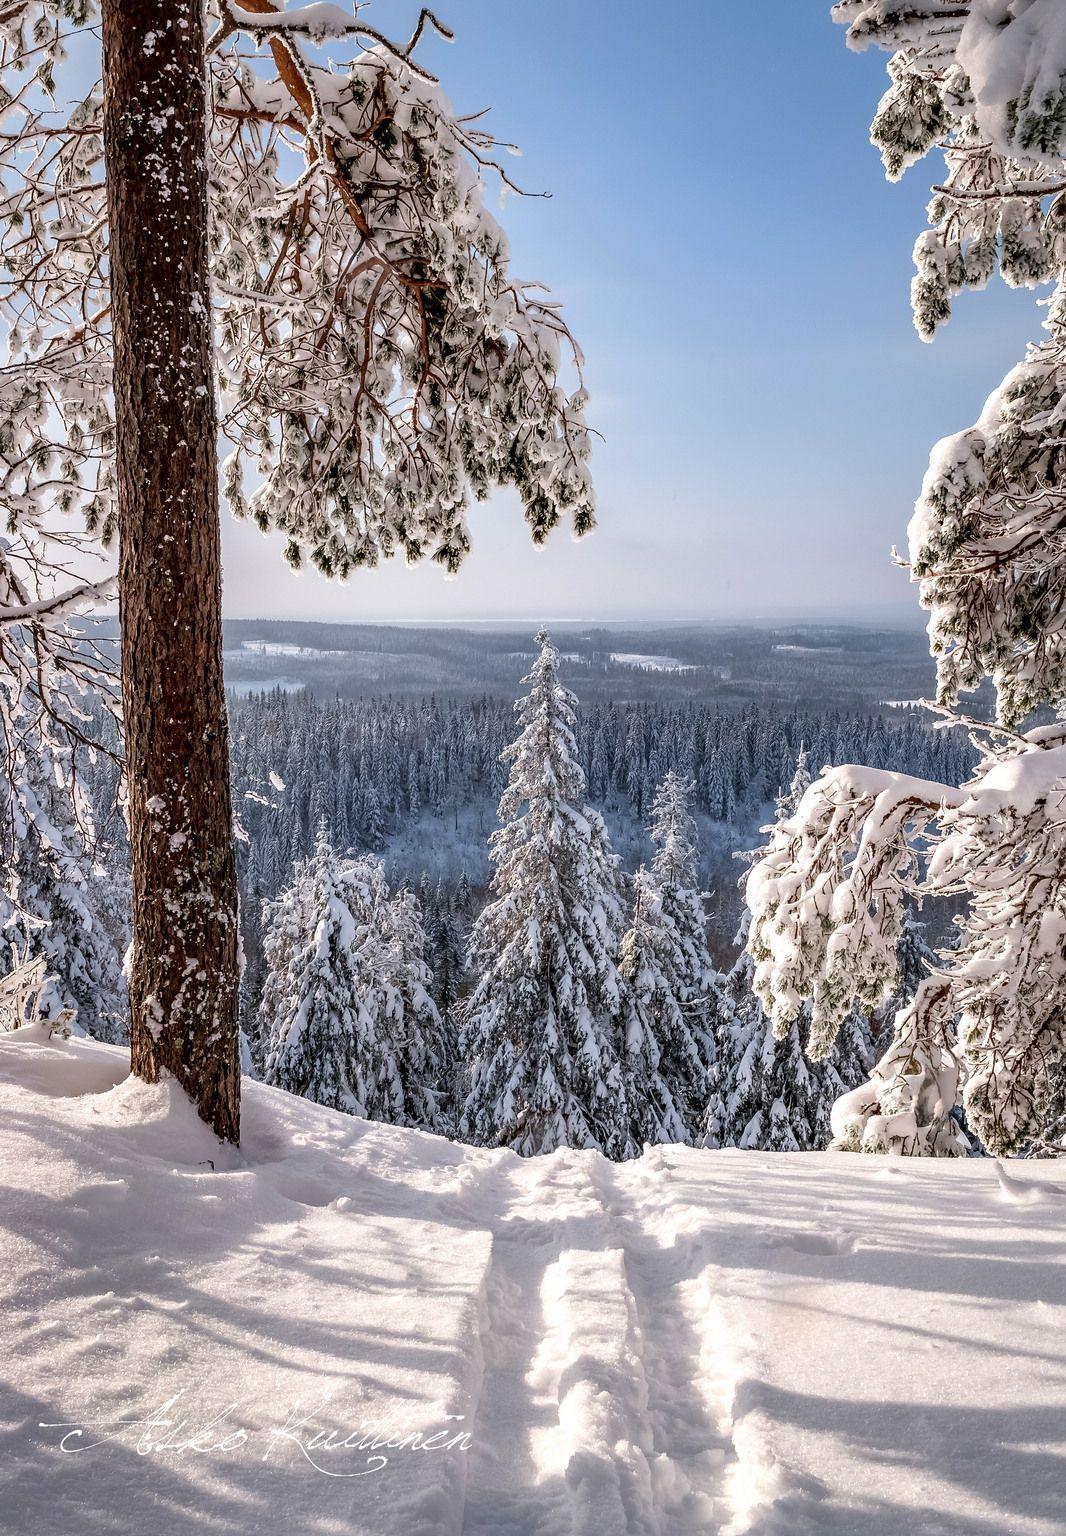 Hiihtoloma Finland By Asko Kuittinen Winter Landscape Winter Landscape Photography Winter Scenery